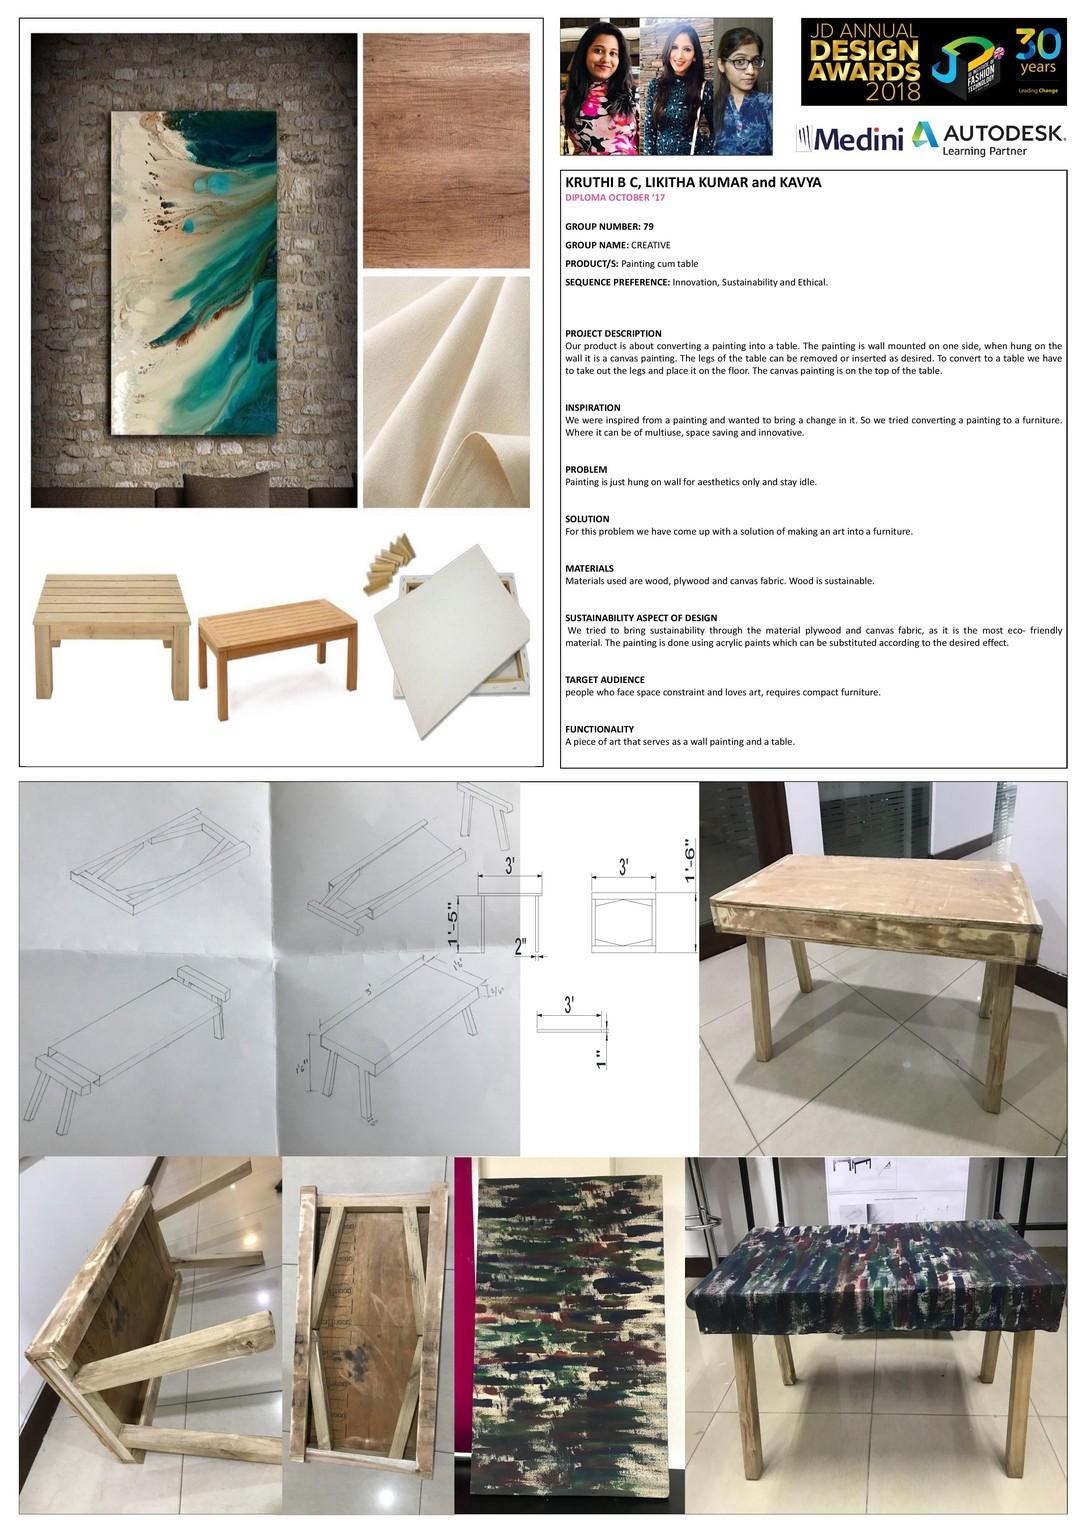 Painting cum table– Change – JD Annual Design Awards 2018 | Designer: Kruthi, Likitha, Kavya | Photography : Jerin Nath (@jerin_nath)  painting cum table– change – jd annual design awards 2018 - painting cum - Painting cum table– Change – JD Annual Design Awards 2018